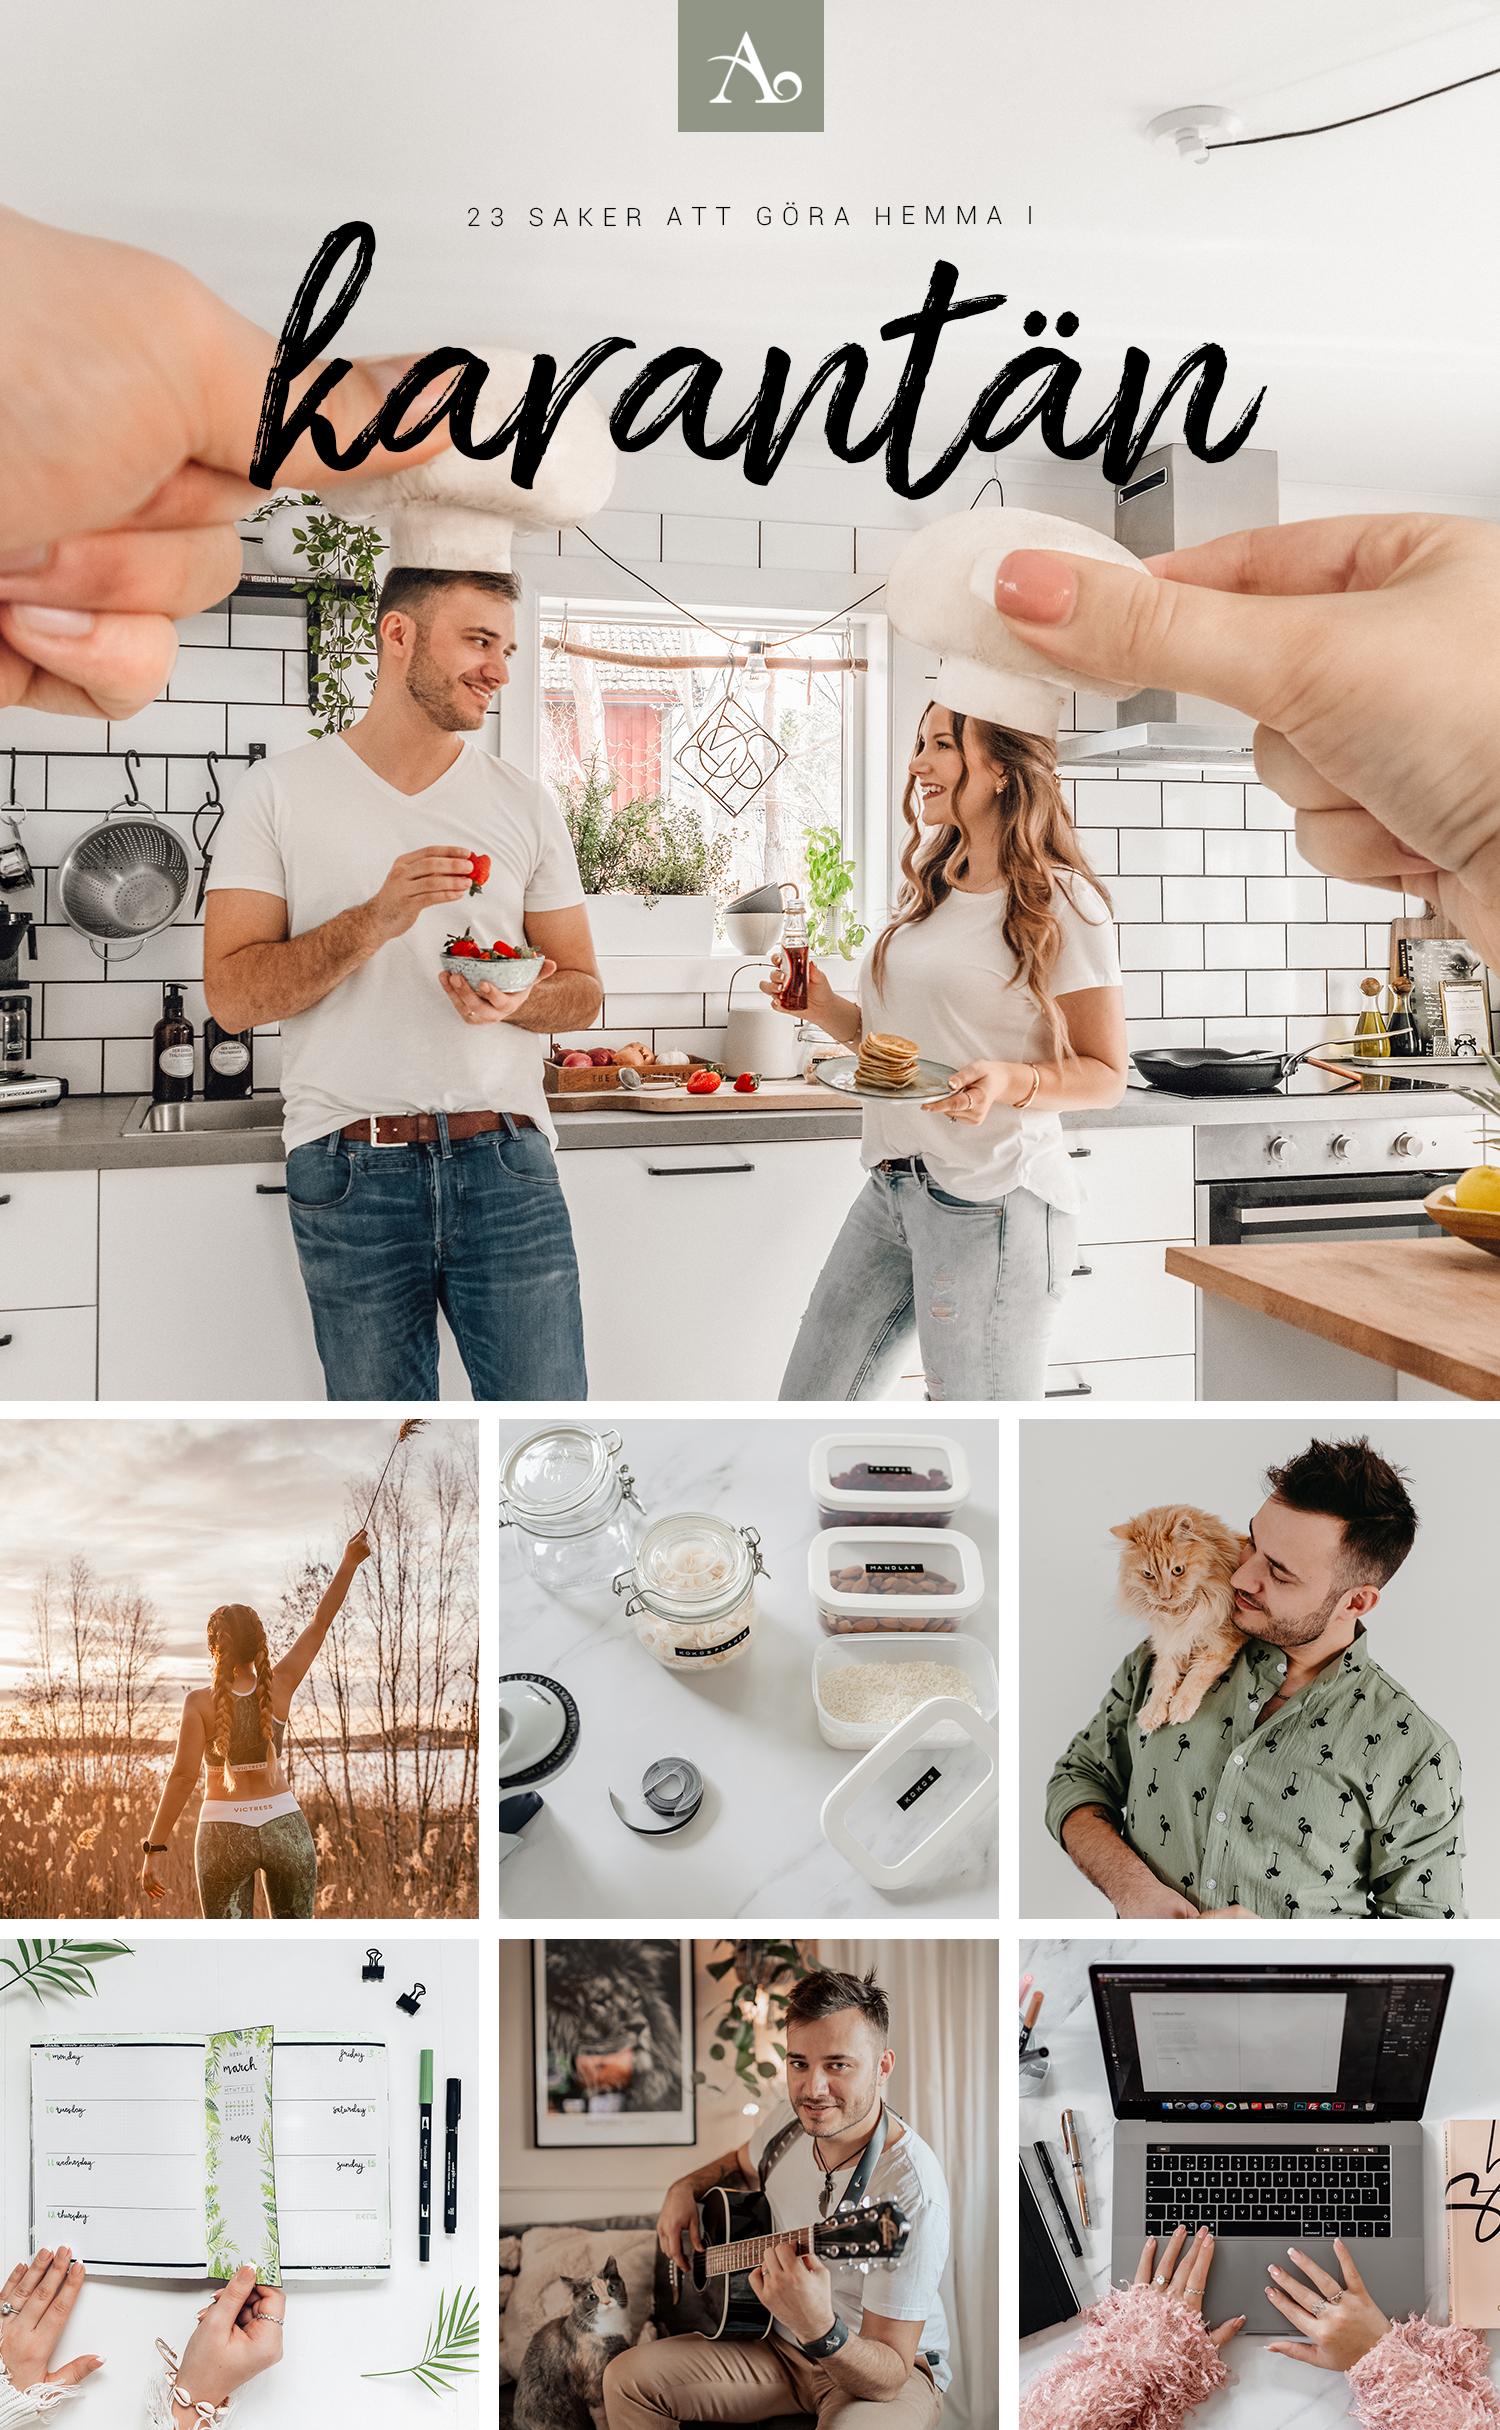 23 Grymma saker att göra hemma i karantän